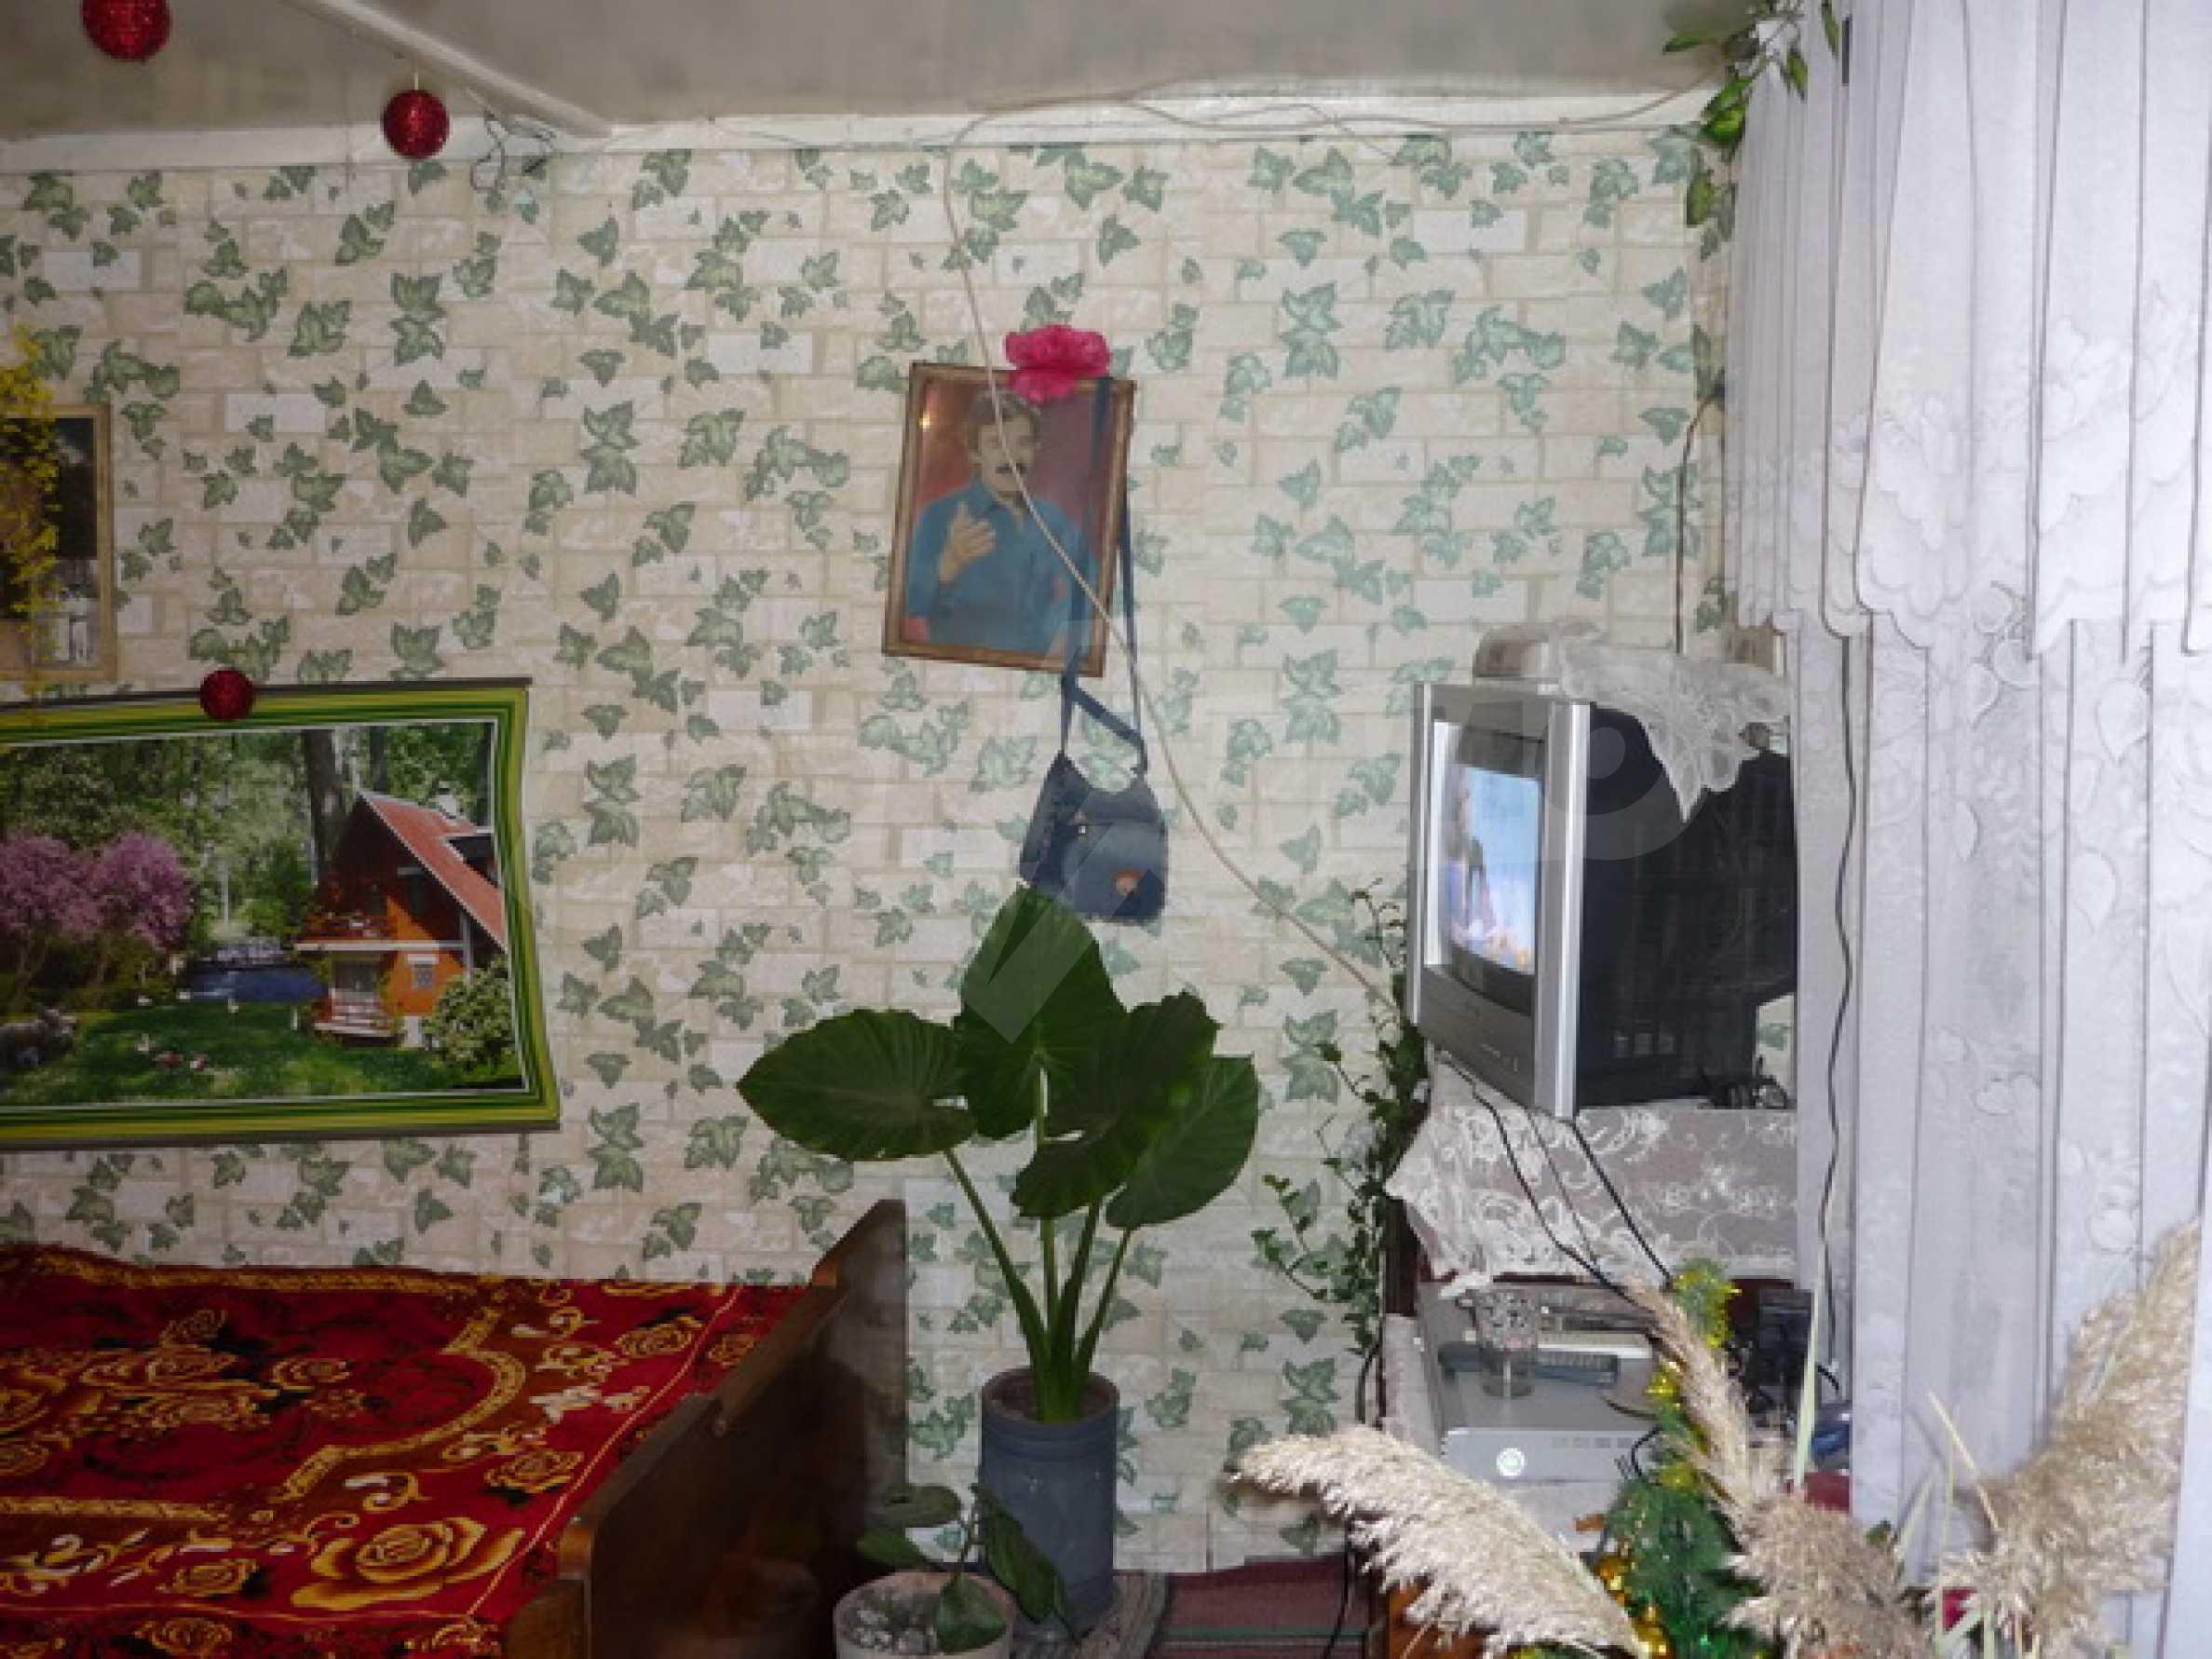 Zweistöckiges Haus zum Verkauf in einem Dorf 40 km von Veliko Tarnovo entfernt 5